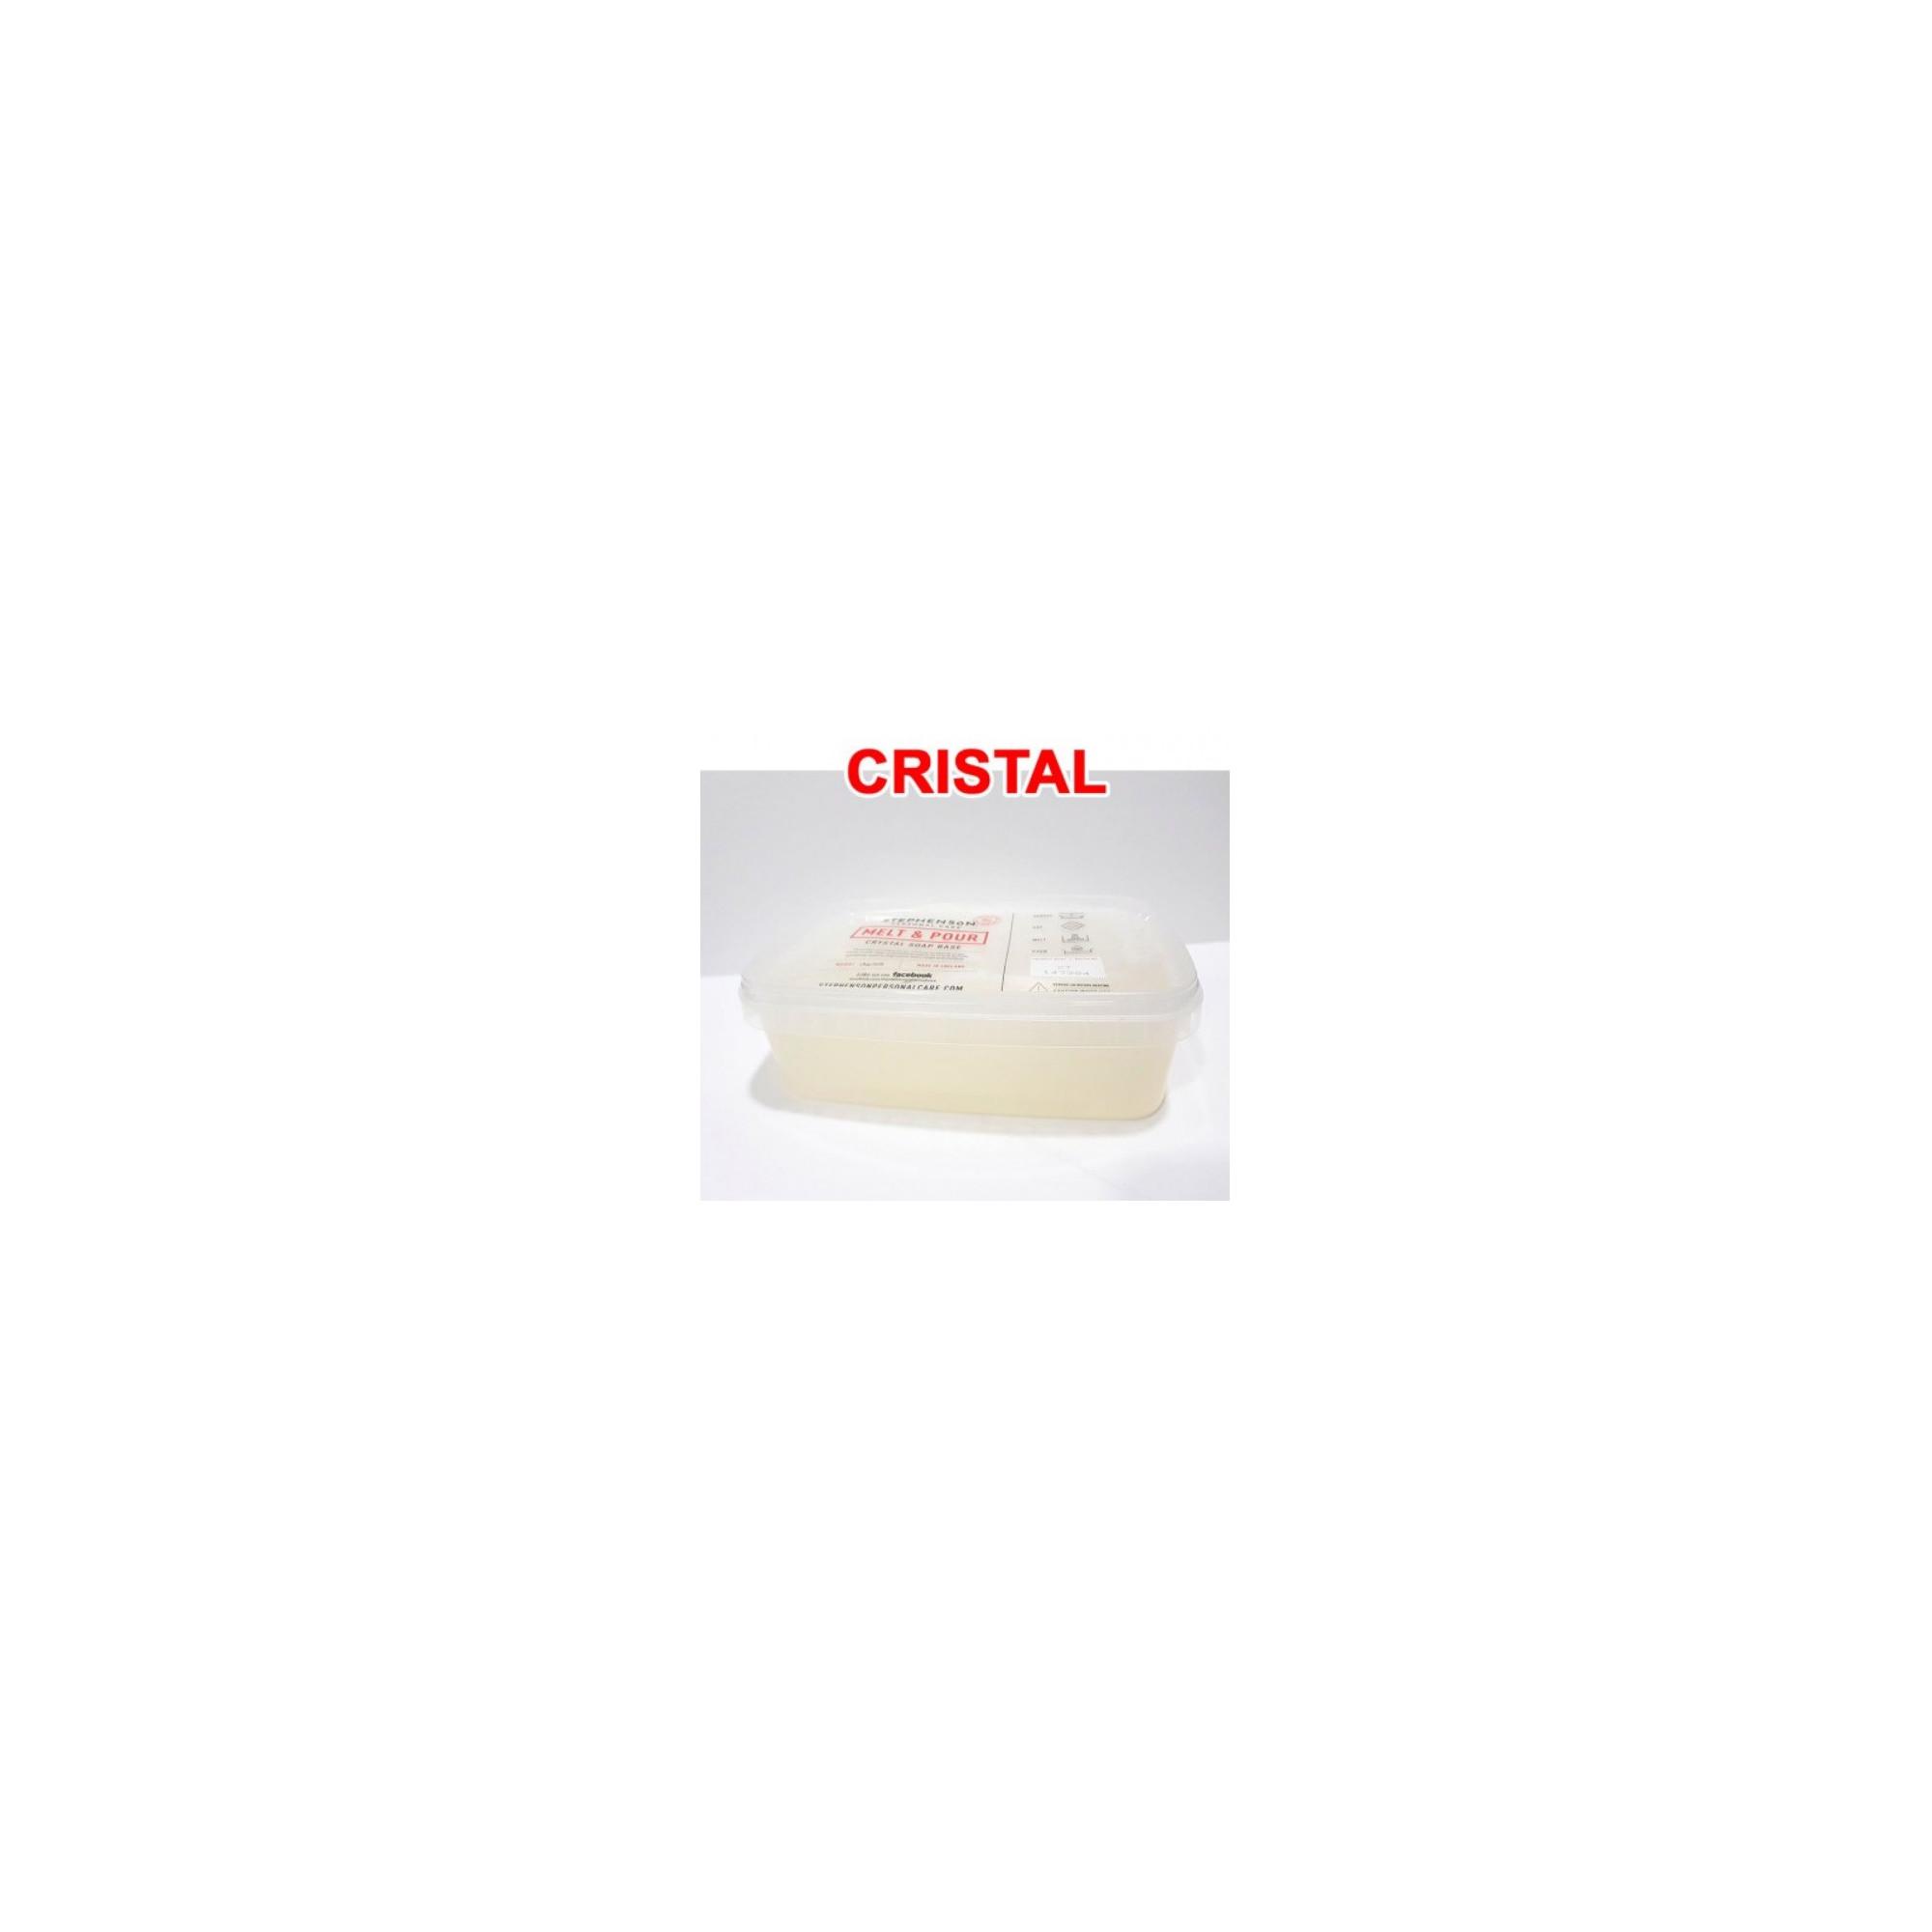 BASE JABÓN GLICERINA CRISTAL